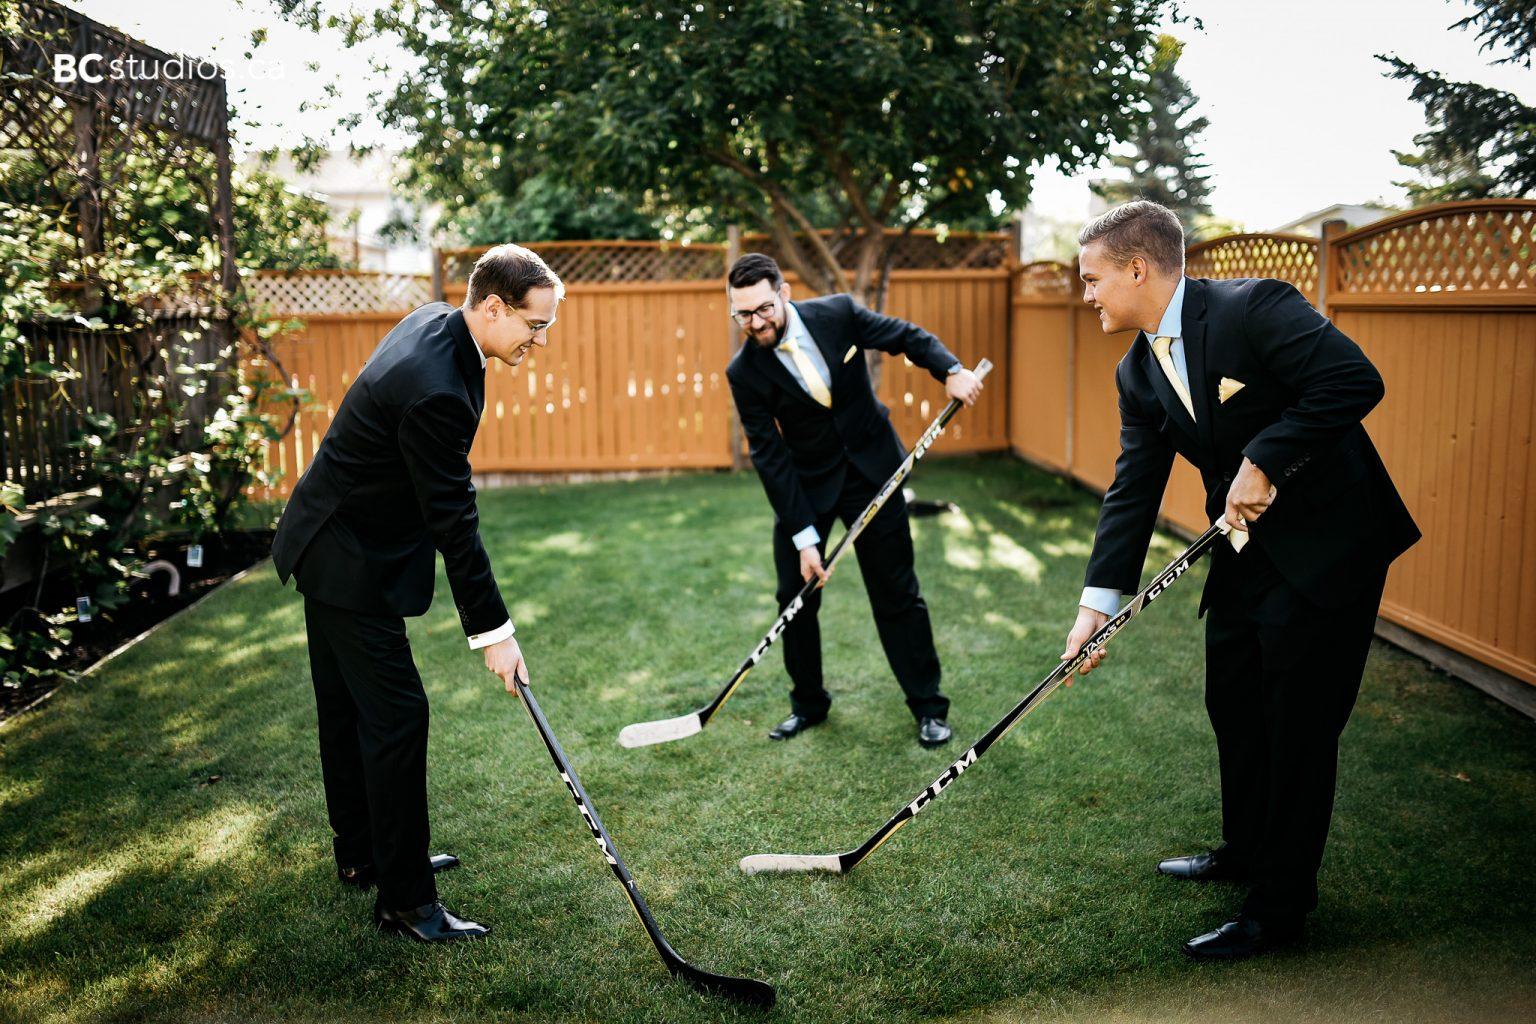 groom and groomsmen playing hockey - wedding photo